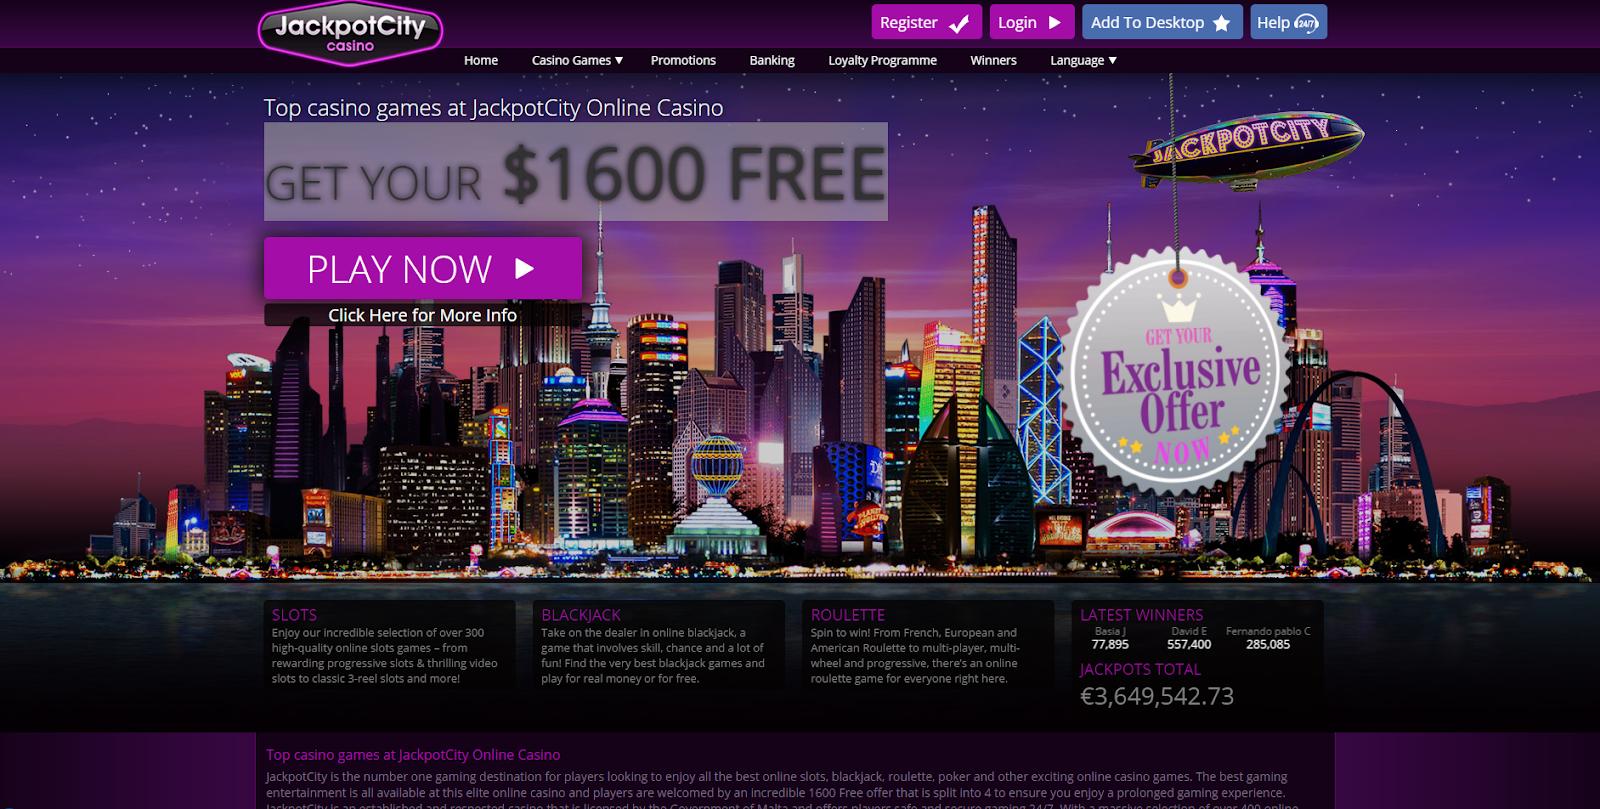 Jackpot-city-Casino-interface